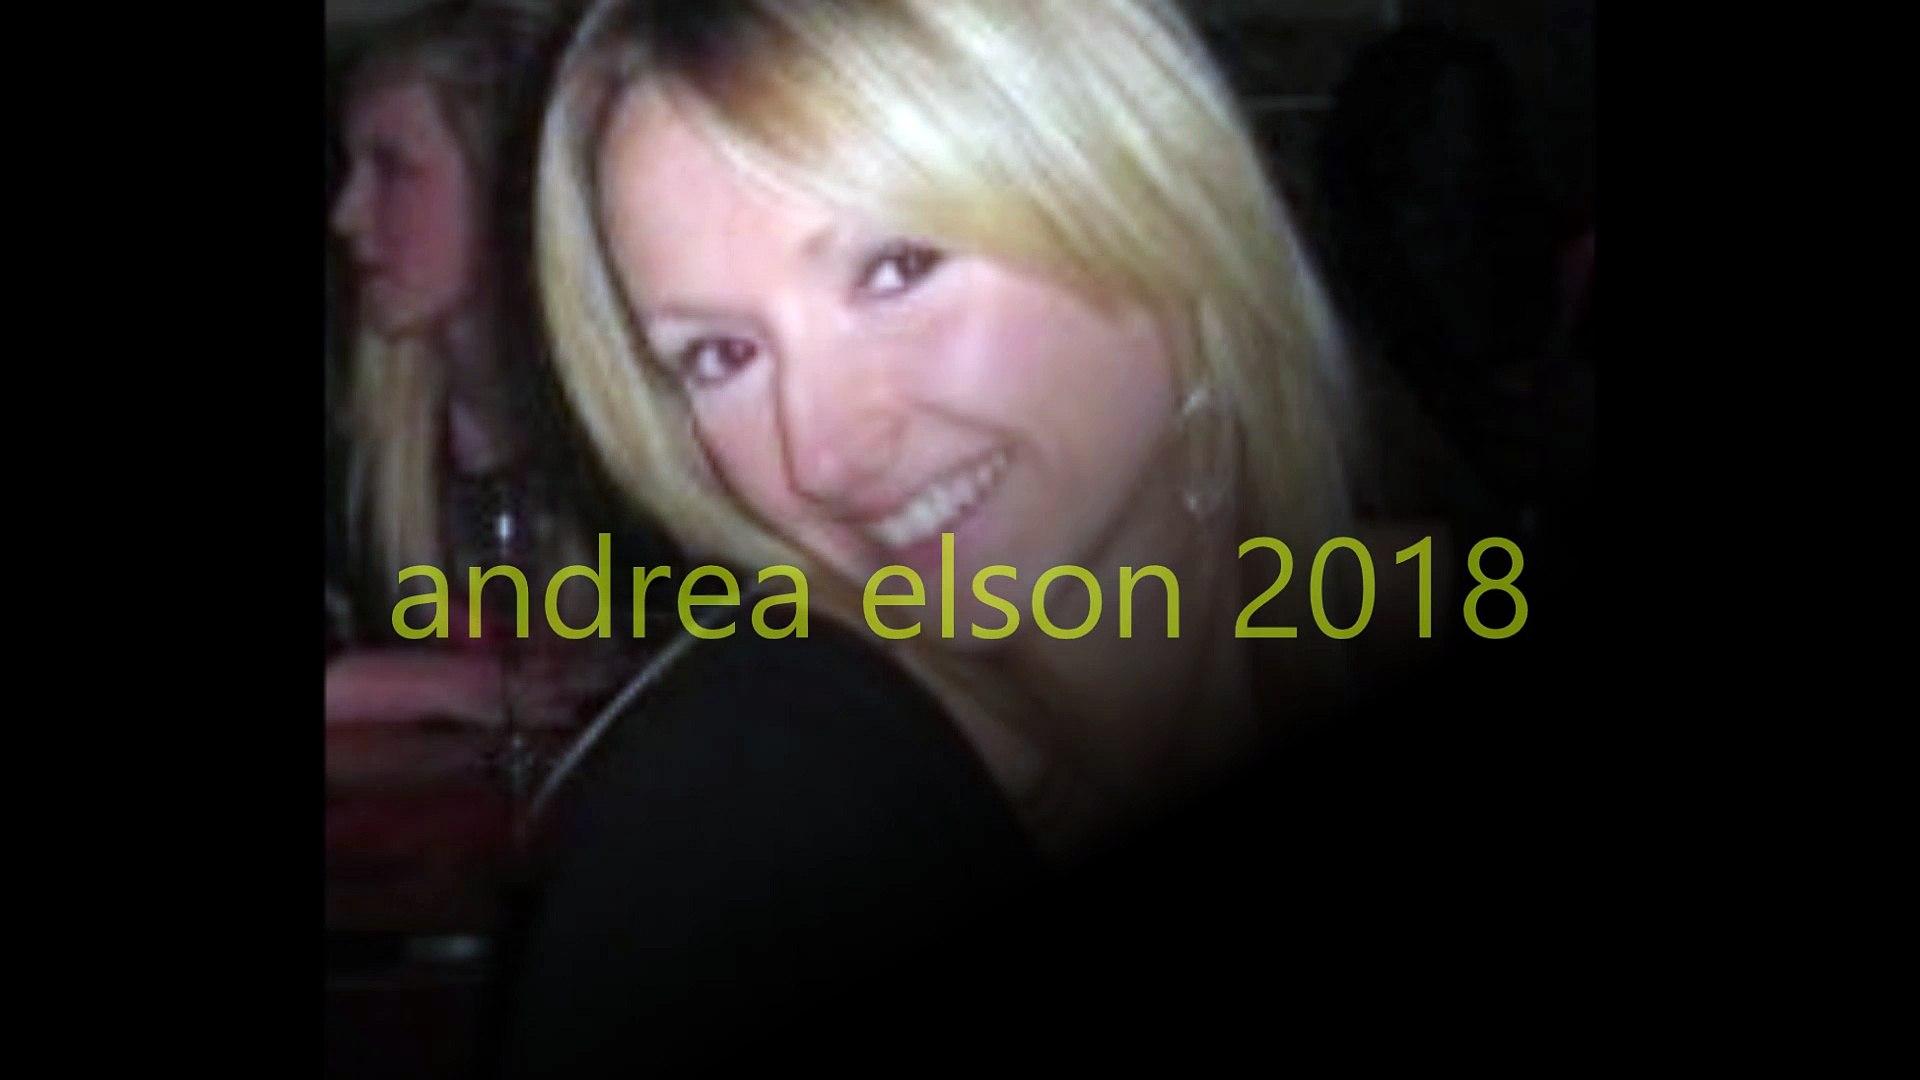 Andrea Elson Fotos andrea elson 2018